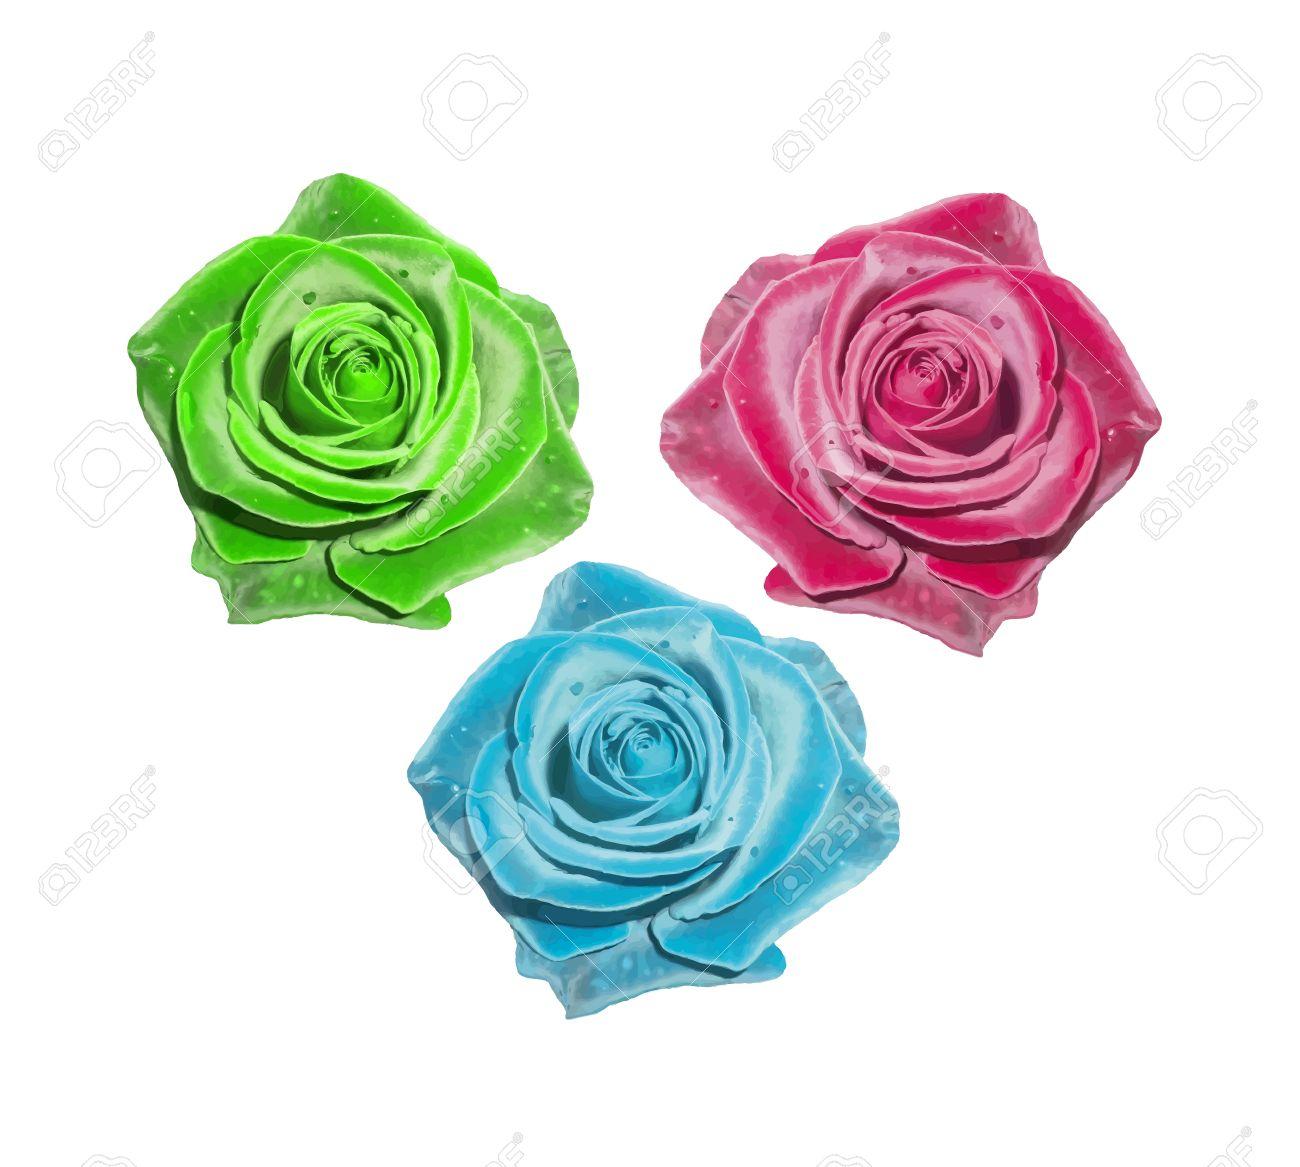 Red Rose Green Rose Blue Rose Vector Illustration Rose Flower